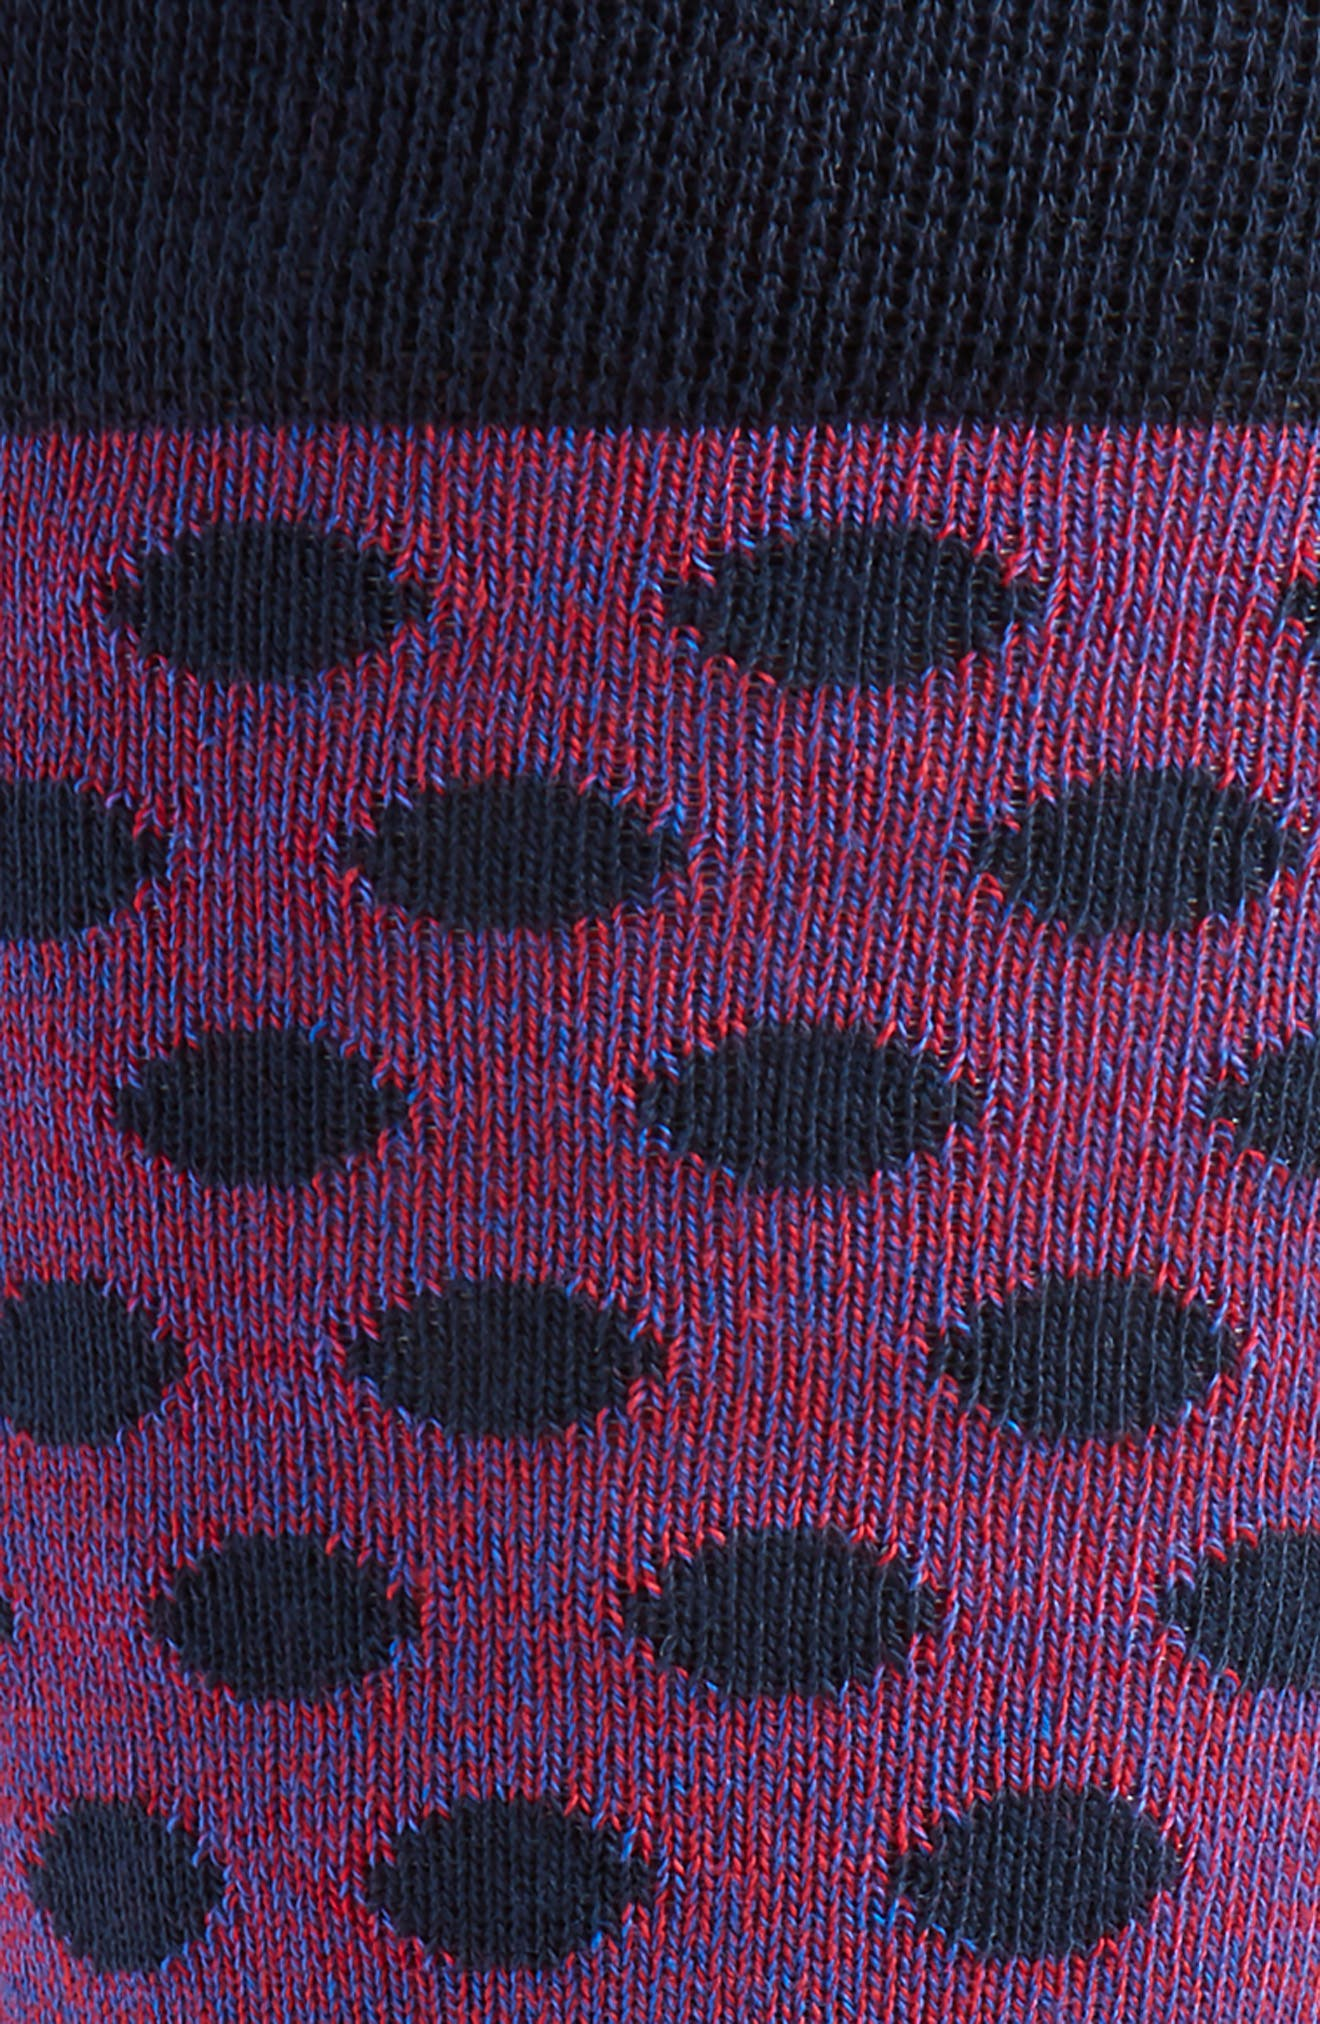 Spot Socks,                             Alternate thumbnail 2, color,                             NAVY